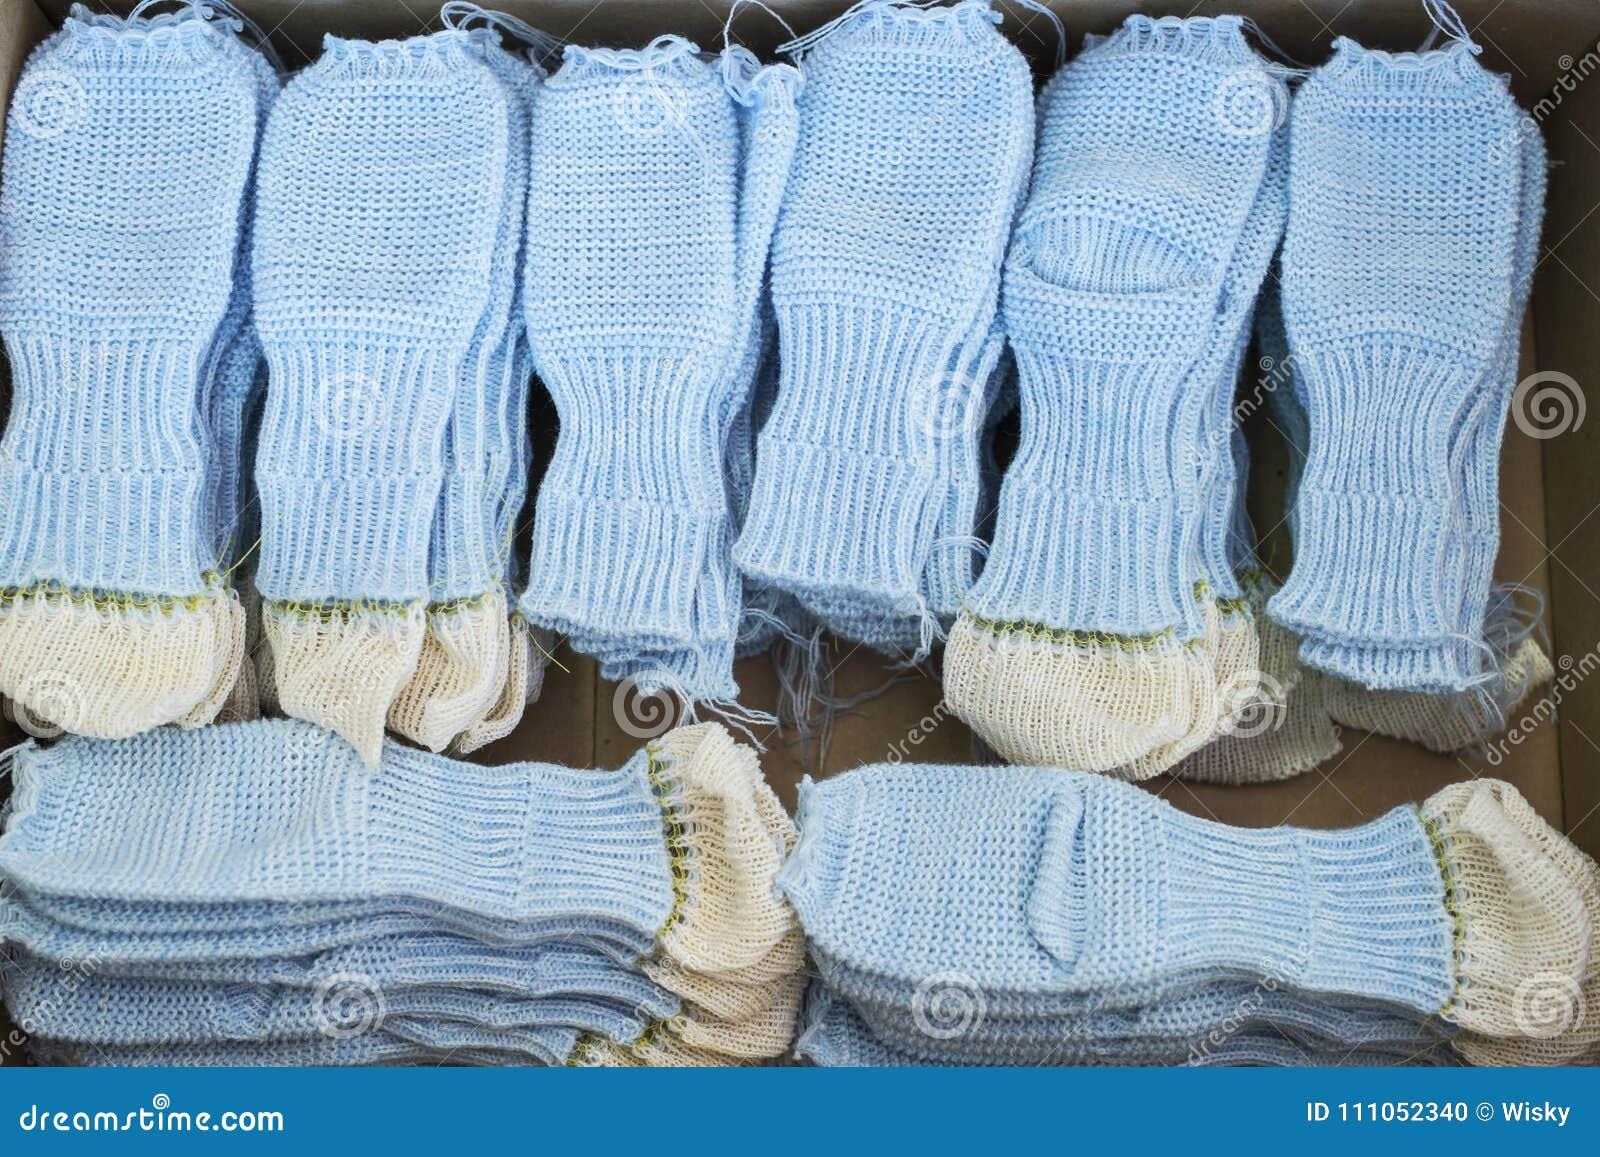 f3cdea890b72 Πλεκτά κομμάτια προς κατεργασία καλτσών στο πλέξιμο του καταστήματος ...